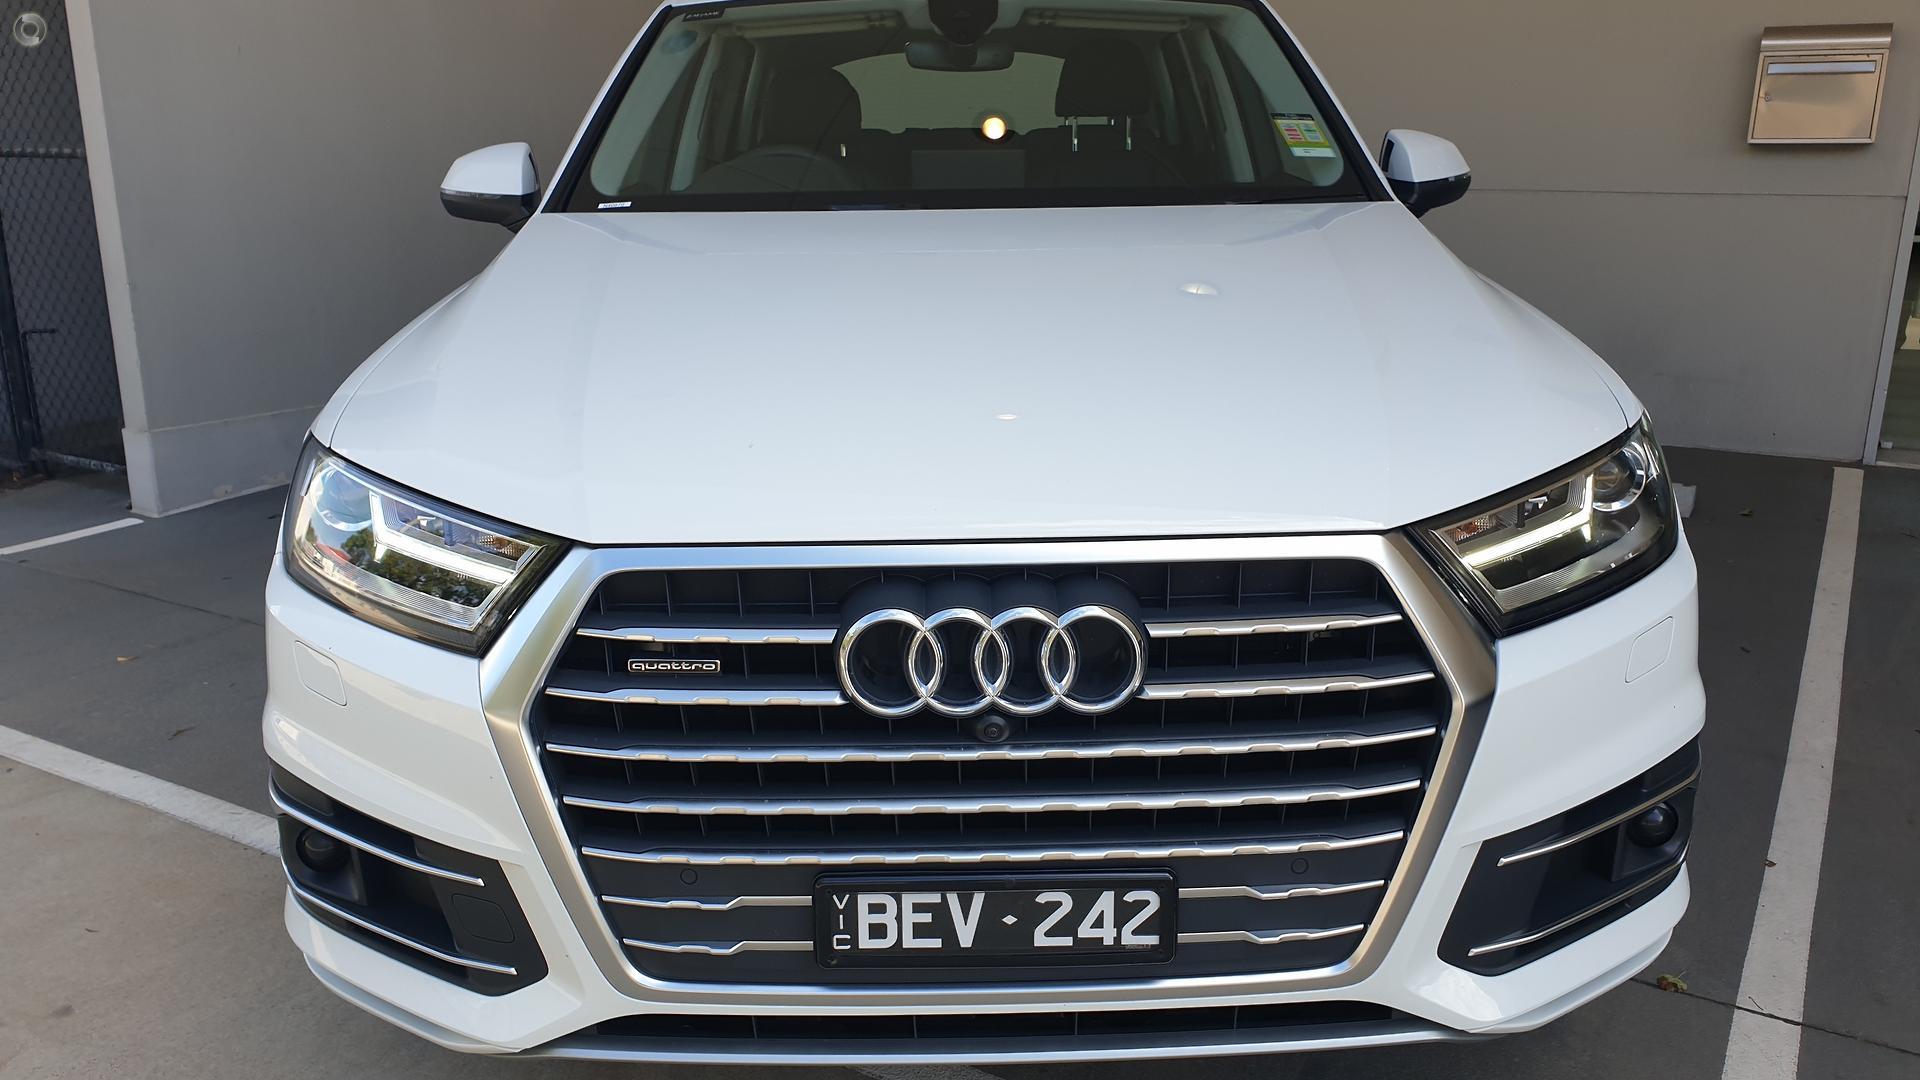 2019 Audi Q7 4M